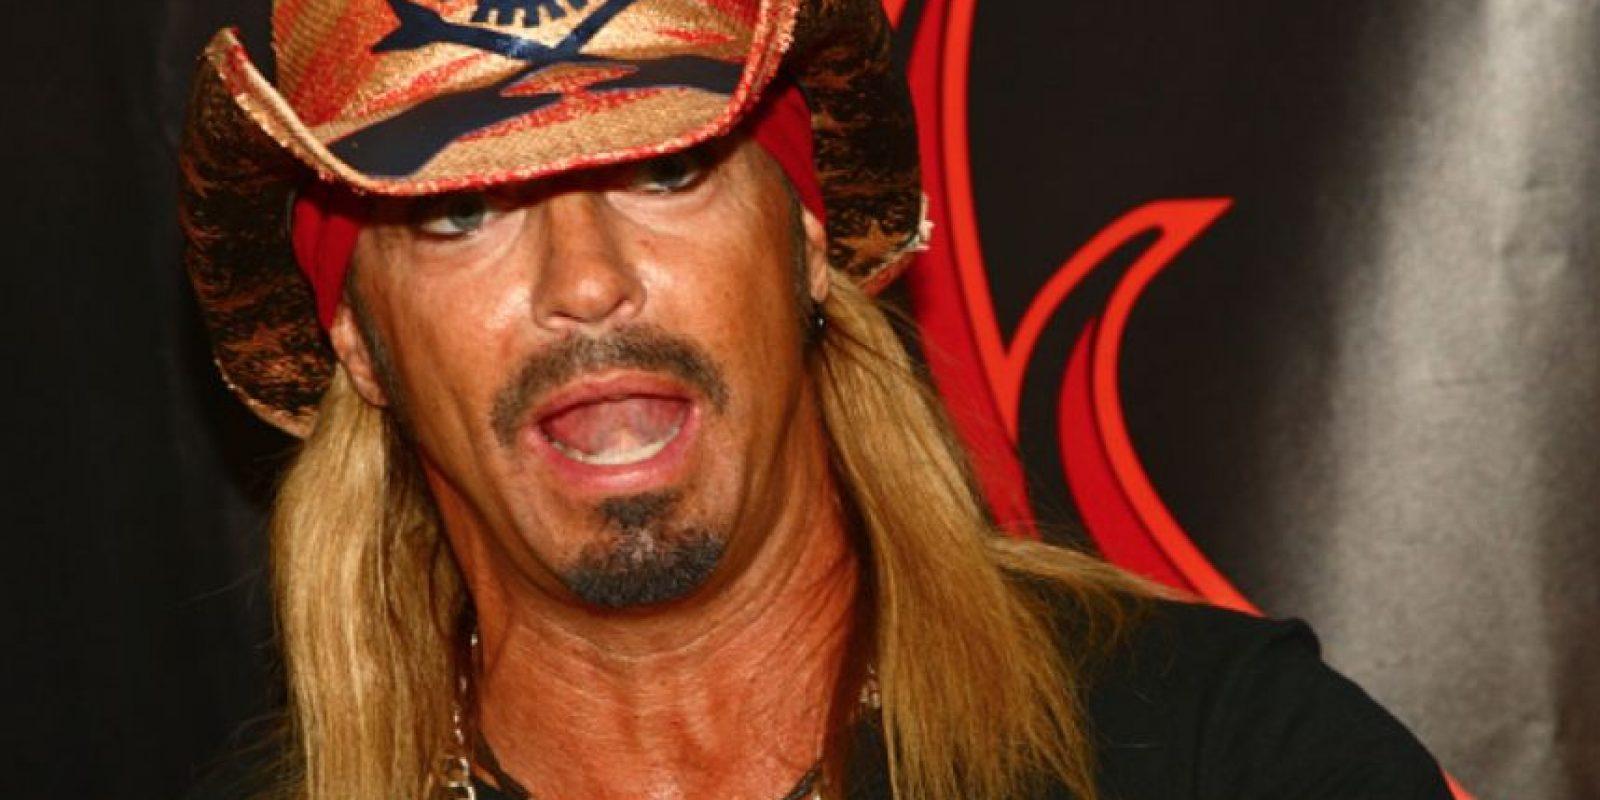 Y sigue como leyenda del rock. Es uno de los mejores cantantes de heavy metal. Foto:vía Facebook. Imagen Por: